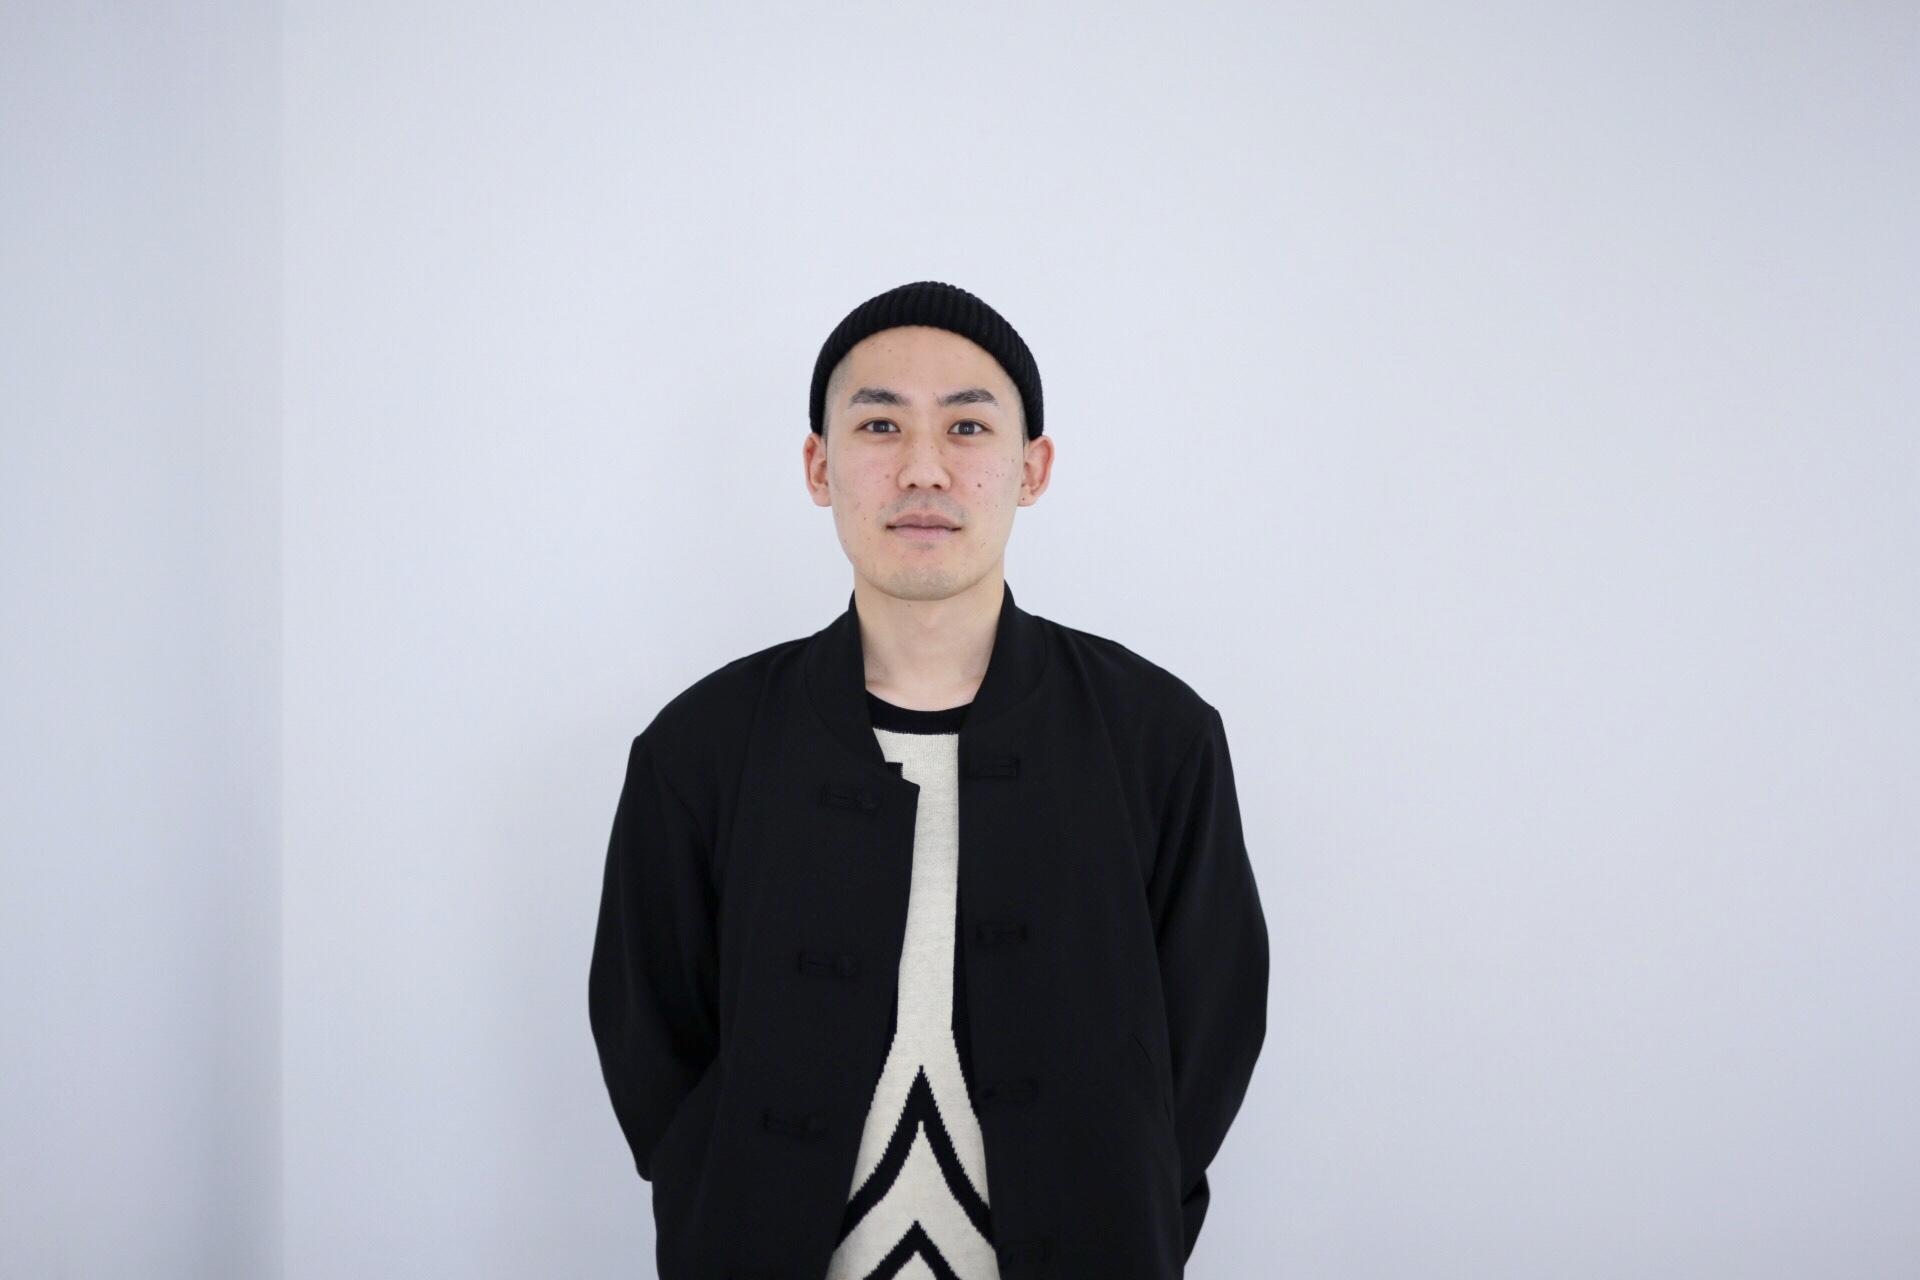 作家と僧侶、二足のわらじで現代の「信仰」を模索するアーティスト・長谷川寛示(ハセガワカンジ):「sanwacompany Art Award / Art in The House 2019」ファイナリスト